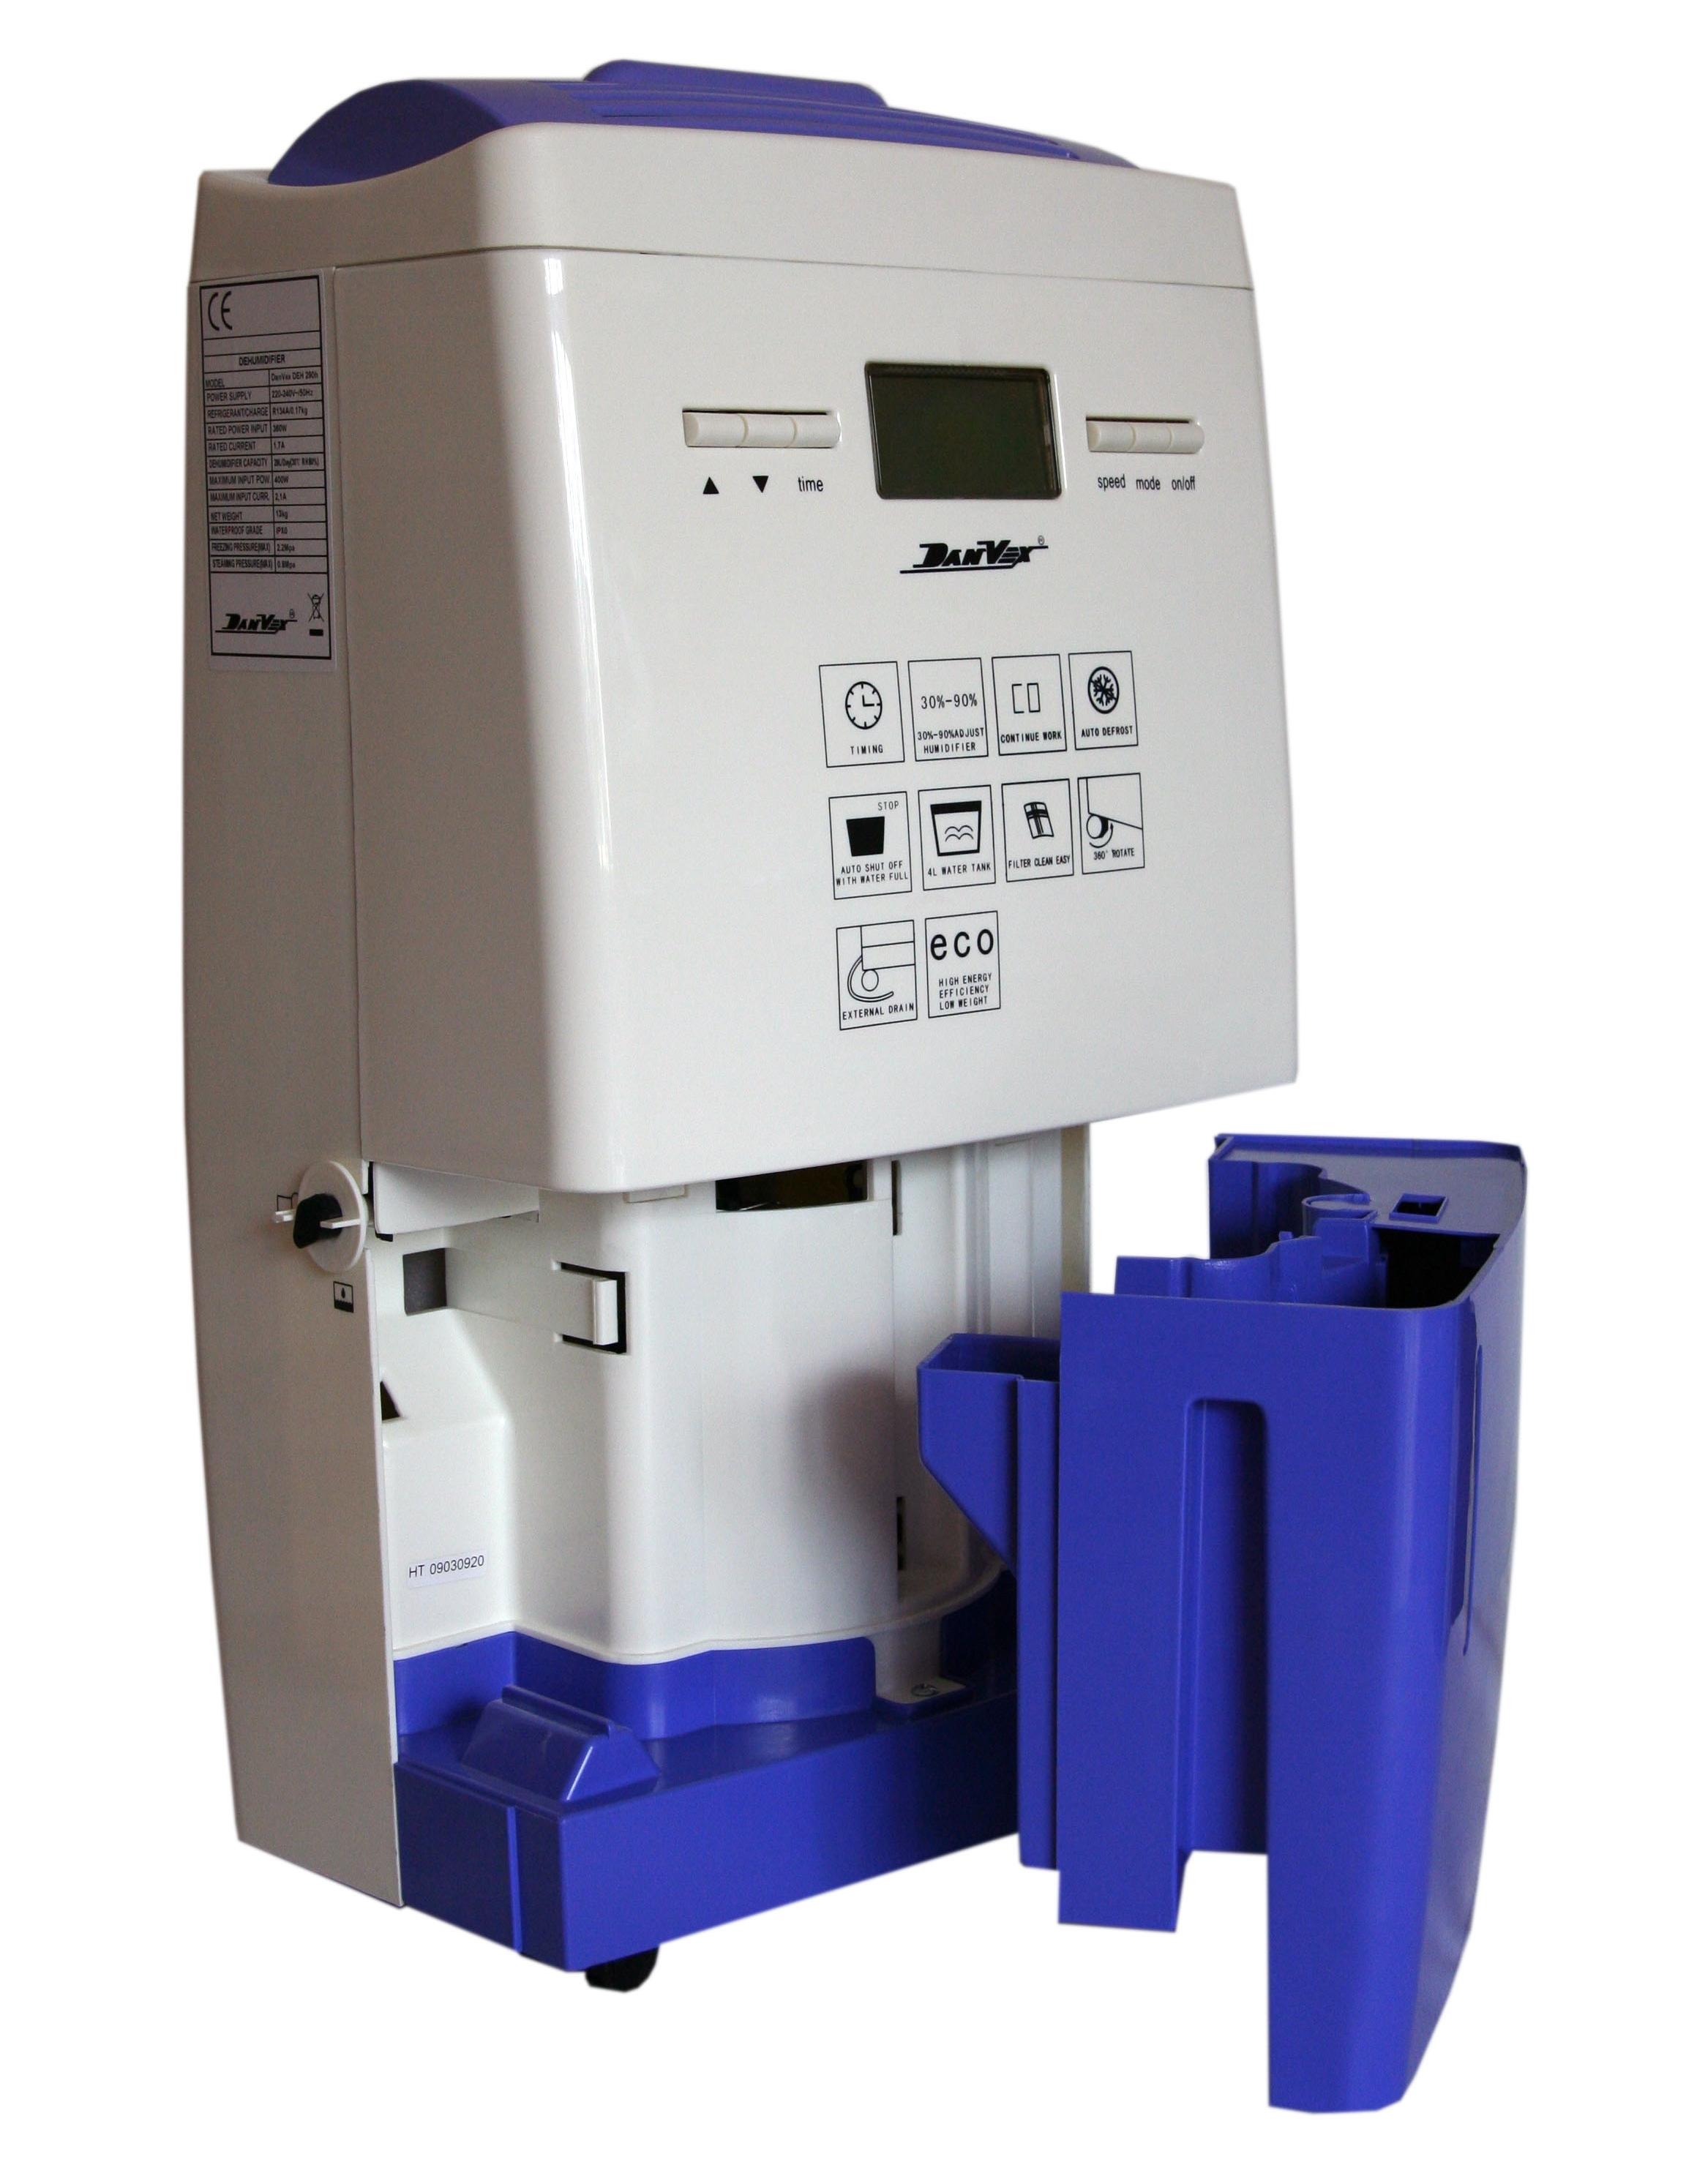 Осушитель воздуха DanVex DEH-290h